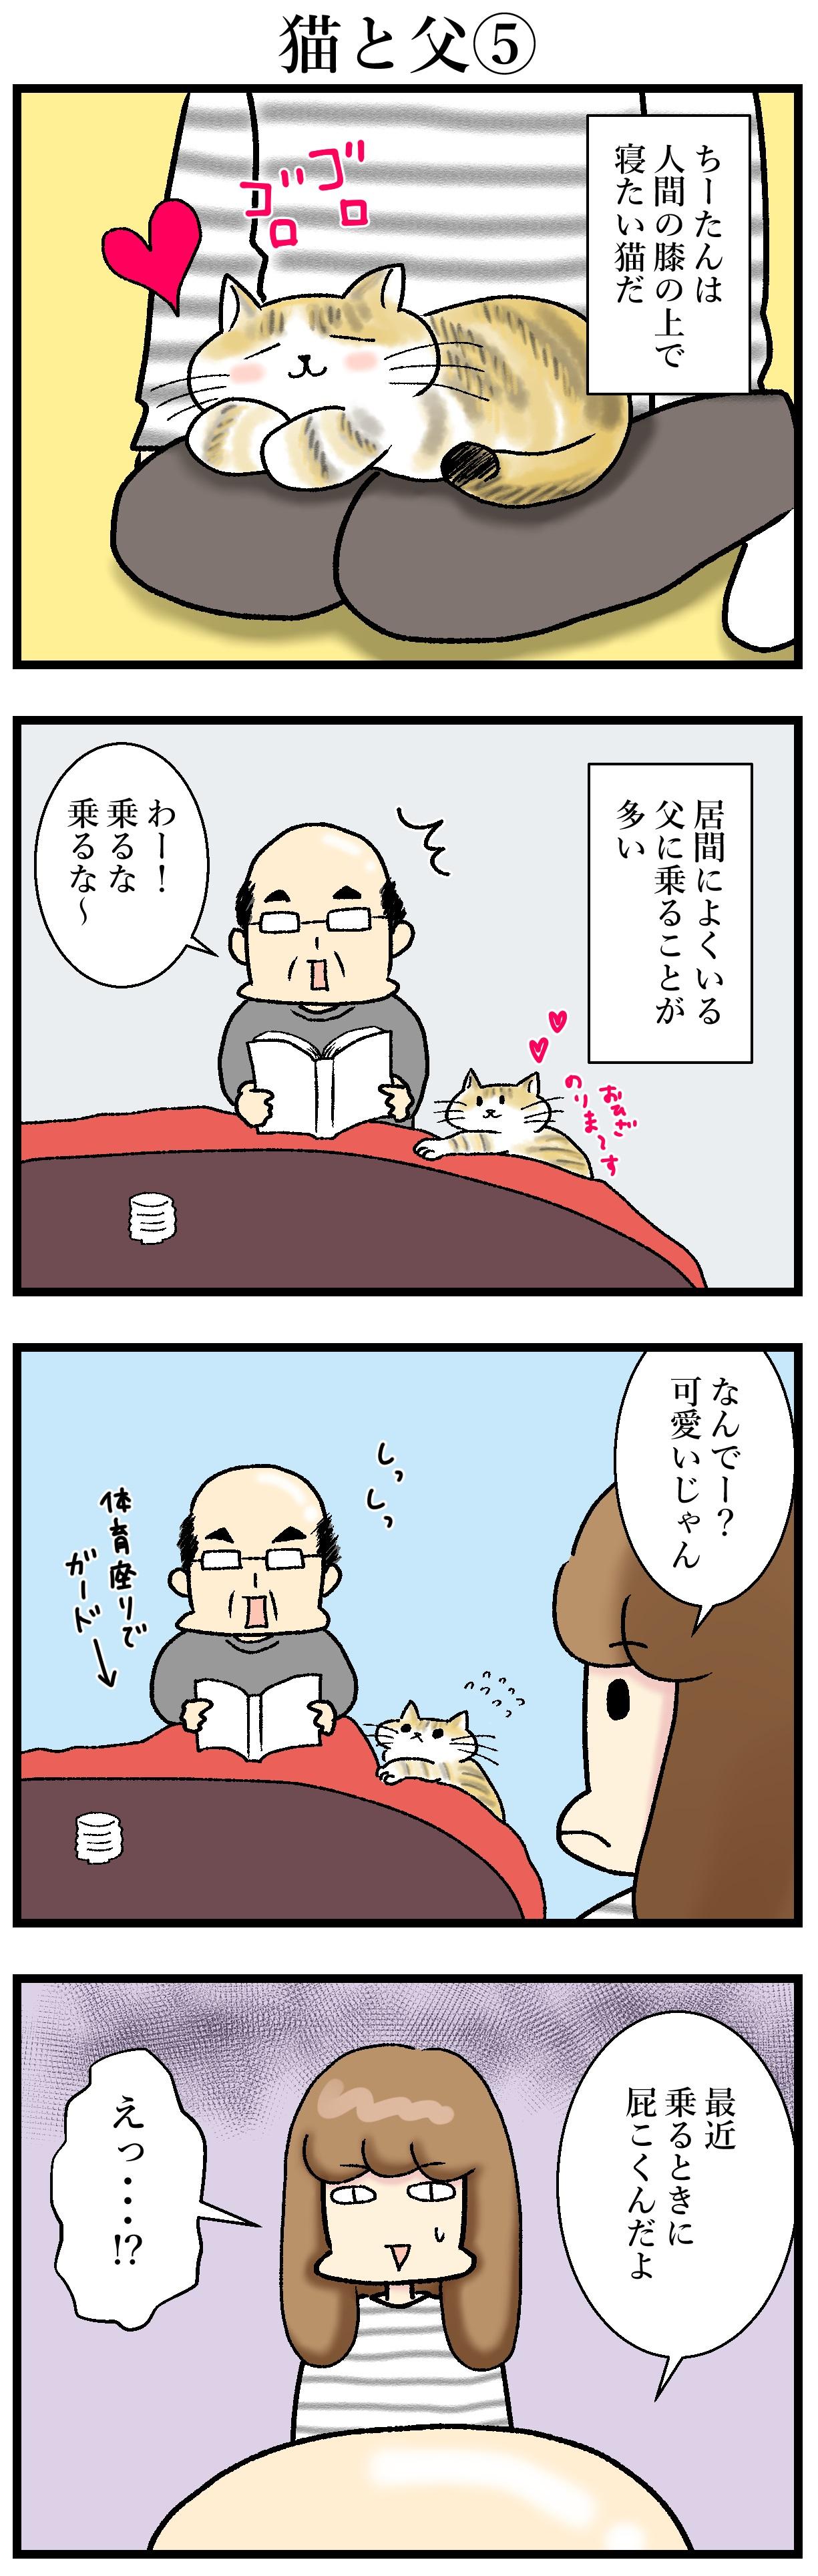 【エッセイ漫画】アラサー主婦くま子のふがいない日常(71)